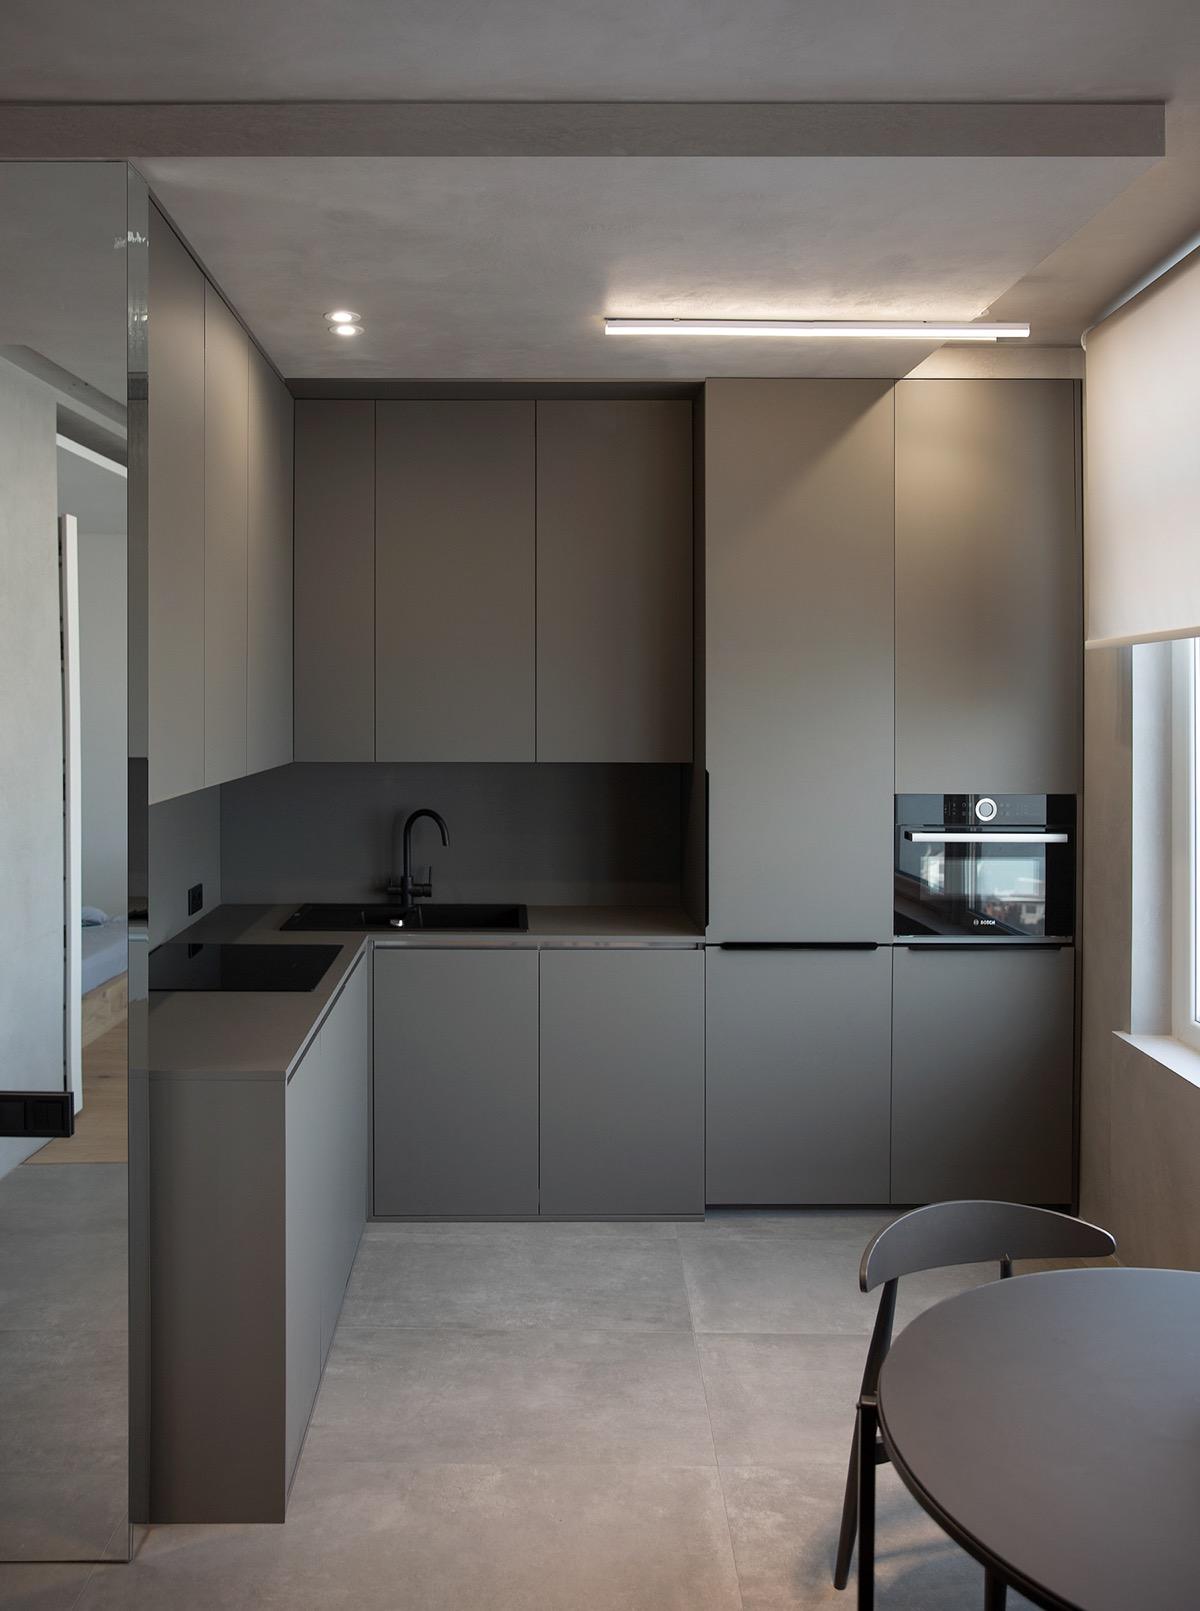 Arredare Case Piccole di 40 o 50 mq: progetti e idee per ...